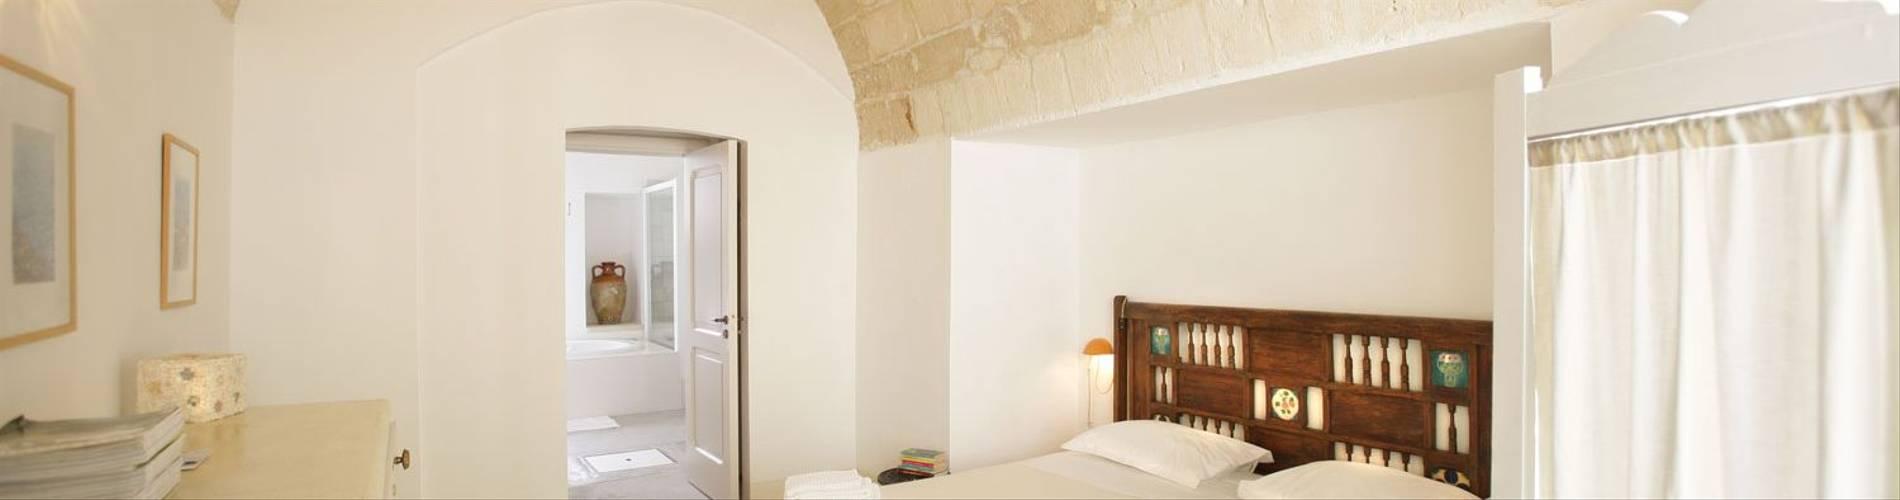 Palazzo Guglielmo, Puglia, Italy, Bukowski.jpg